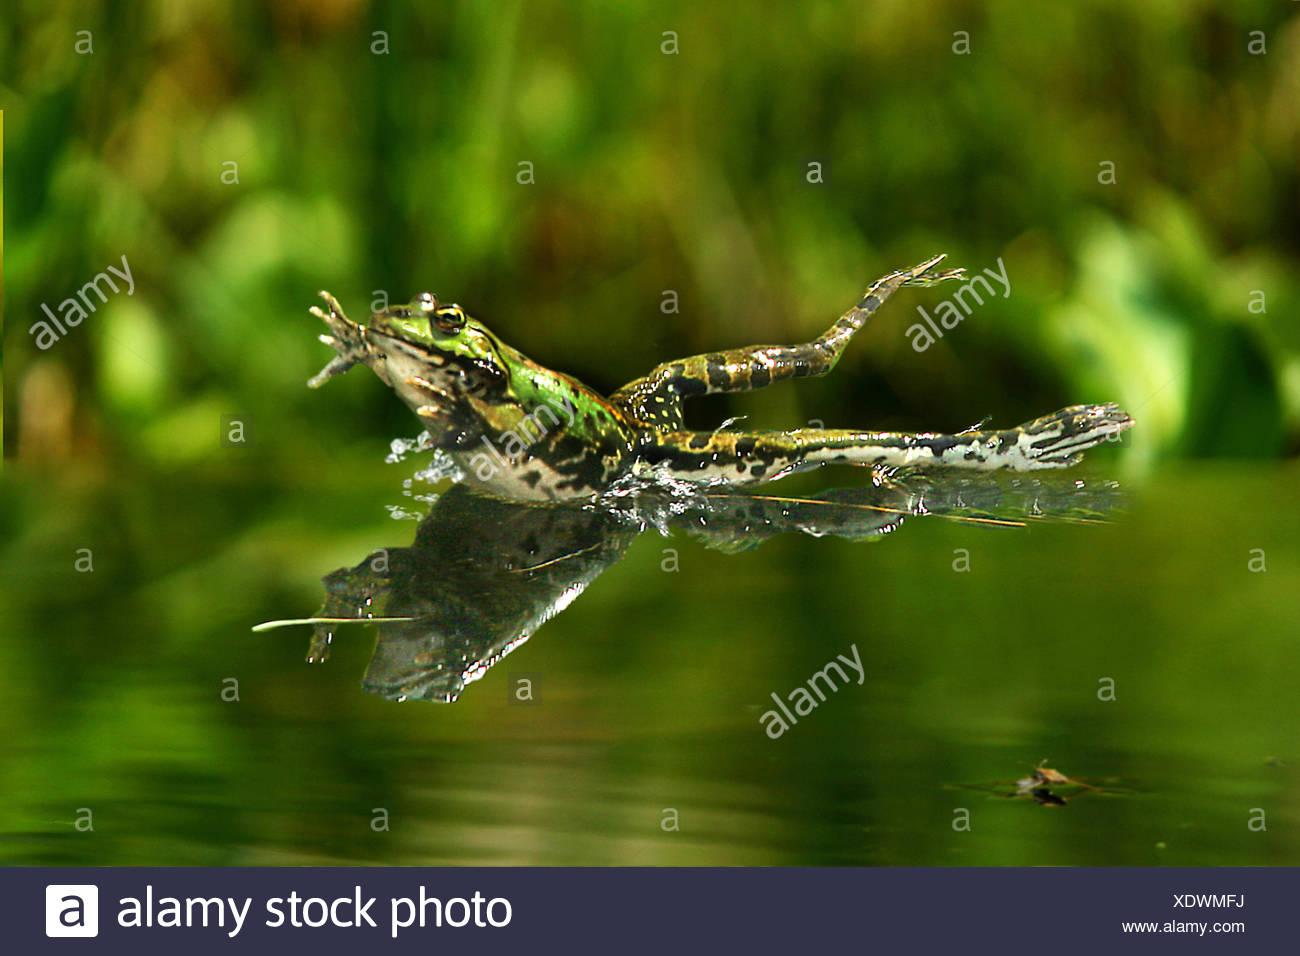 Unión comestibles, la rana común (RANA rana comestible kl. esculenta, Rana esculenta, Pelophylax esculentus), saltar al agua, Alemania Imagen De Stock